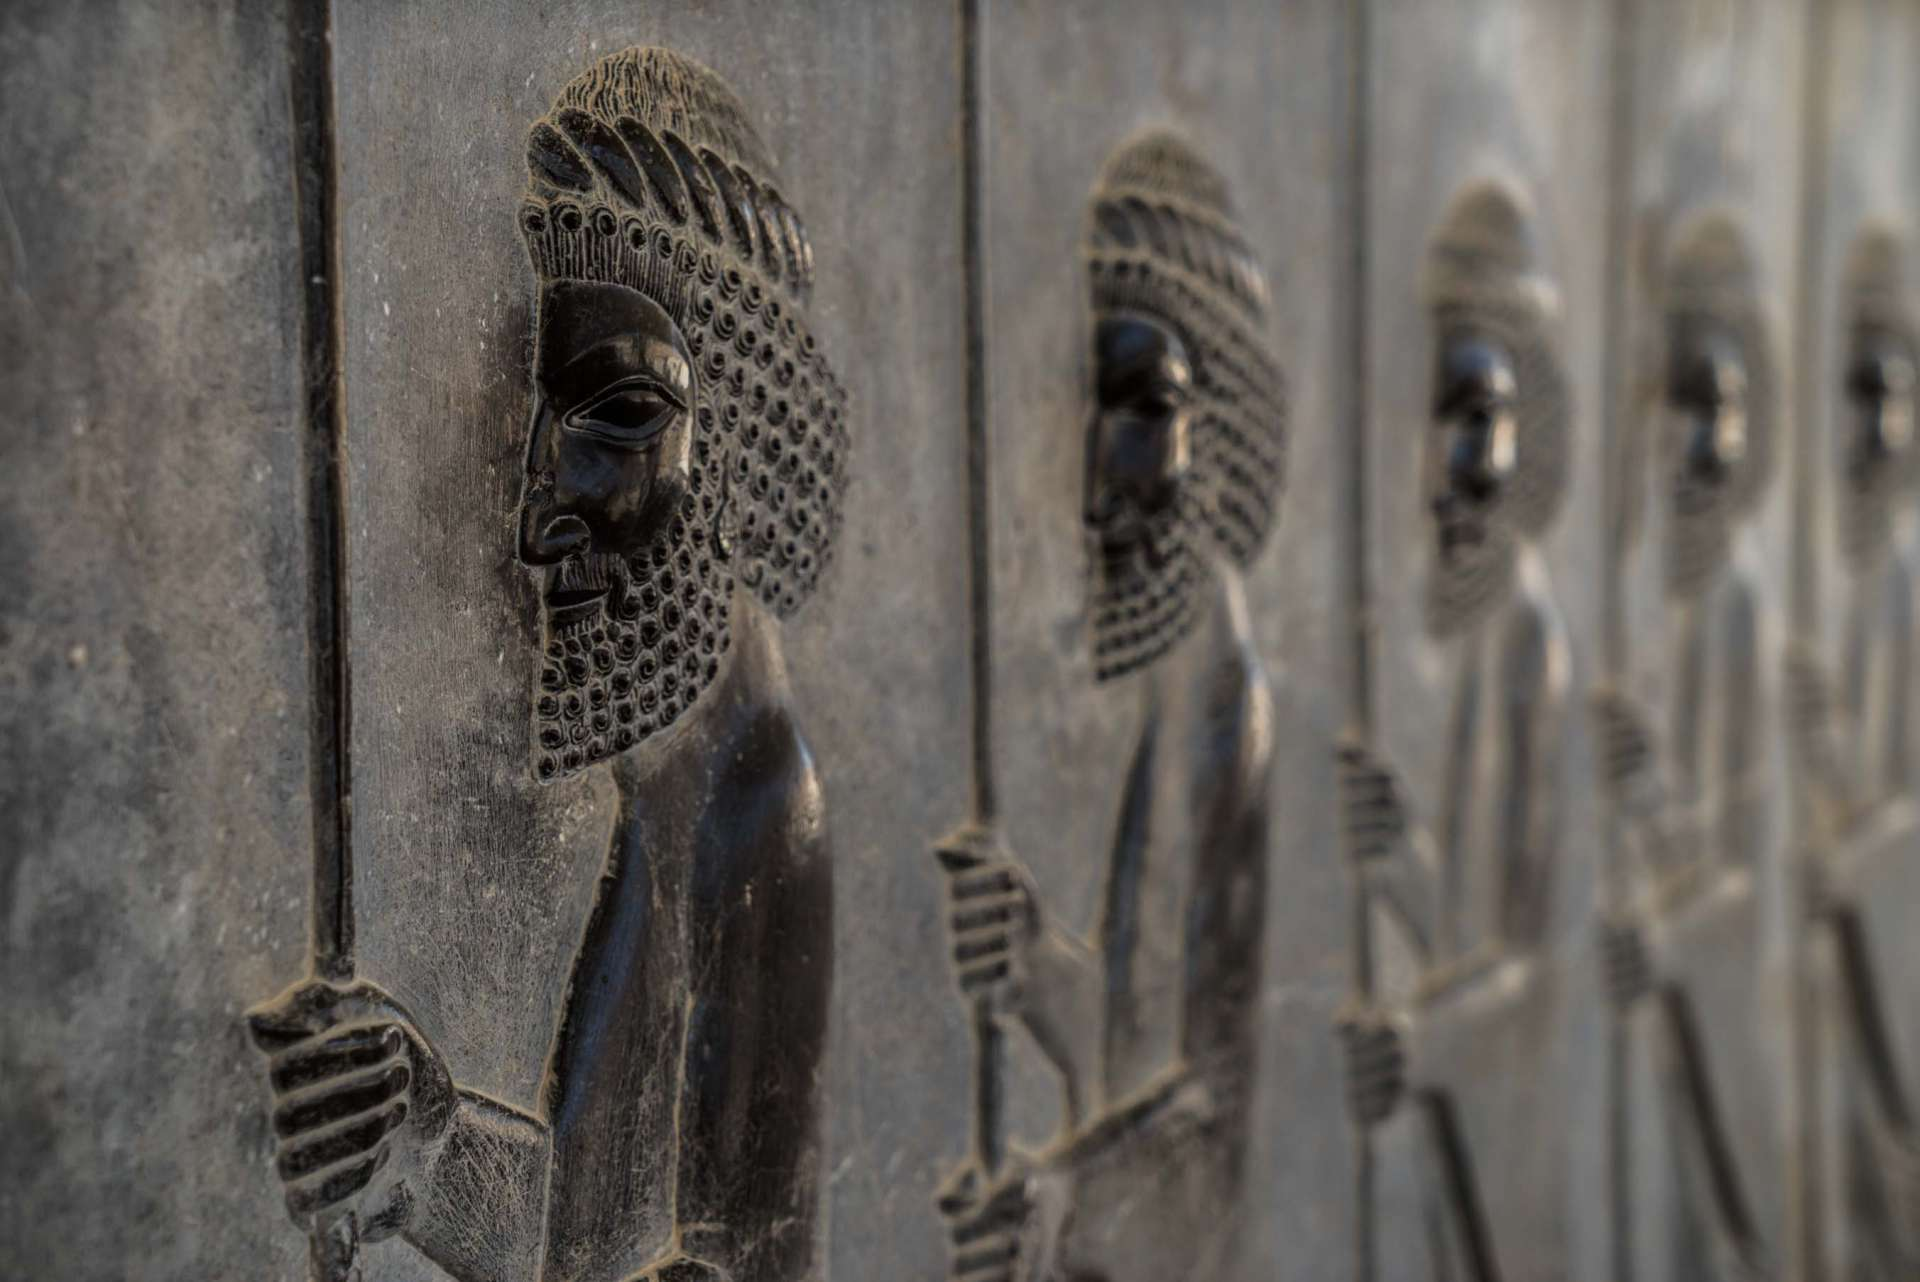 Persepolis Iran - Immortals warriors